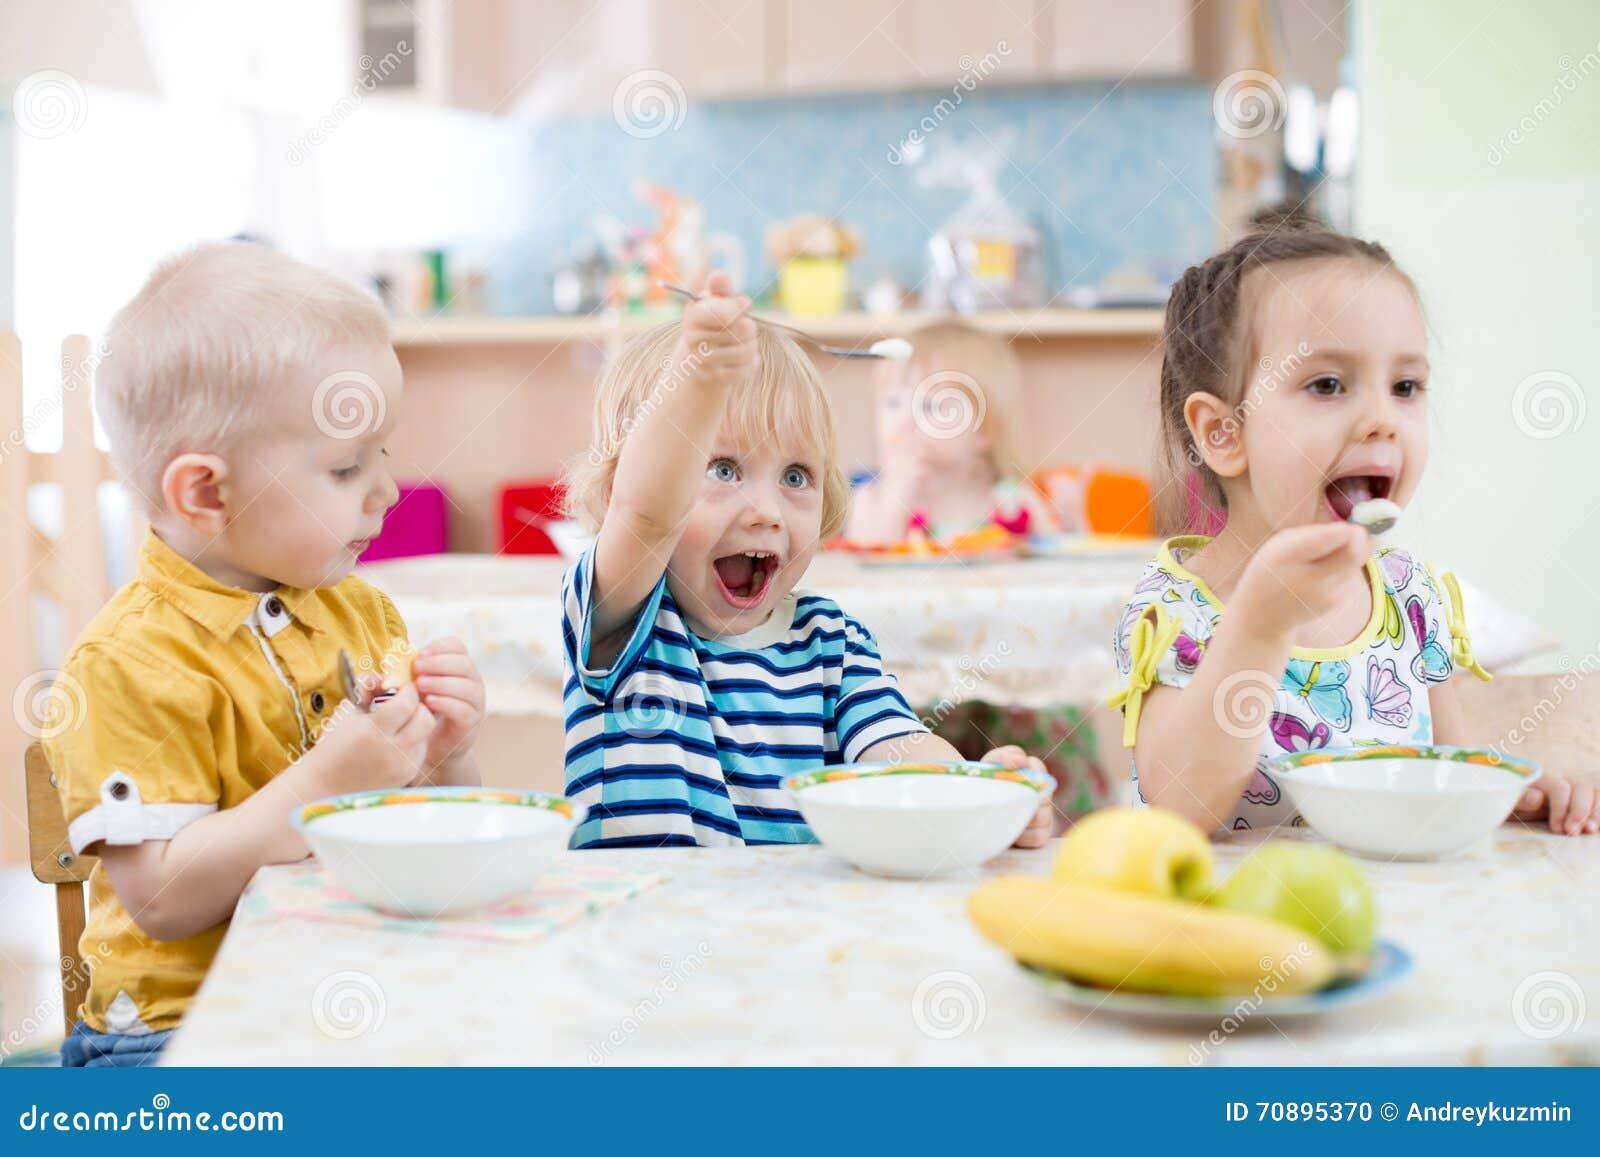 Lustiges Kleinkind, das im Kindergarten spielt und isst